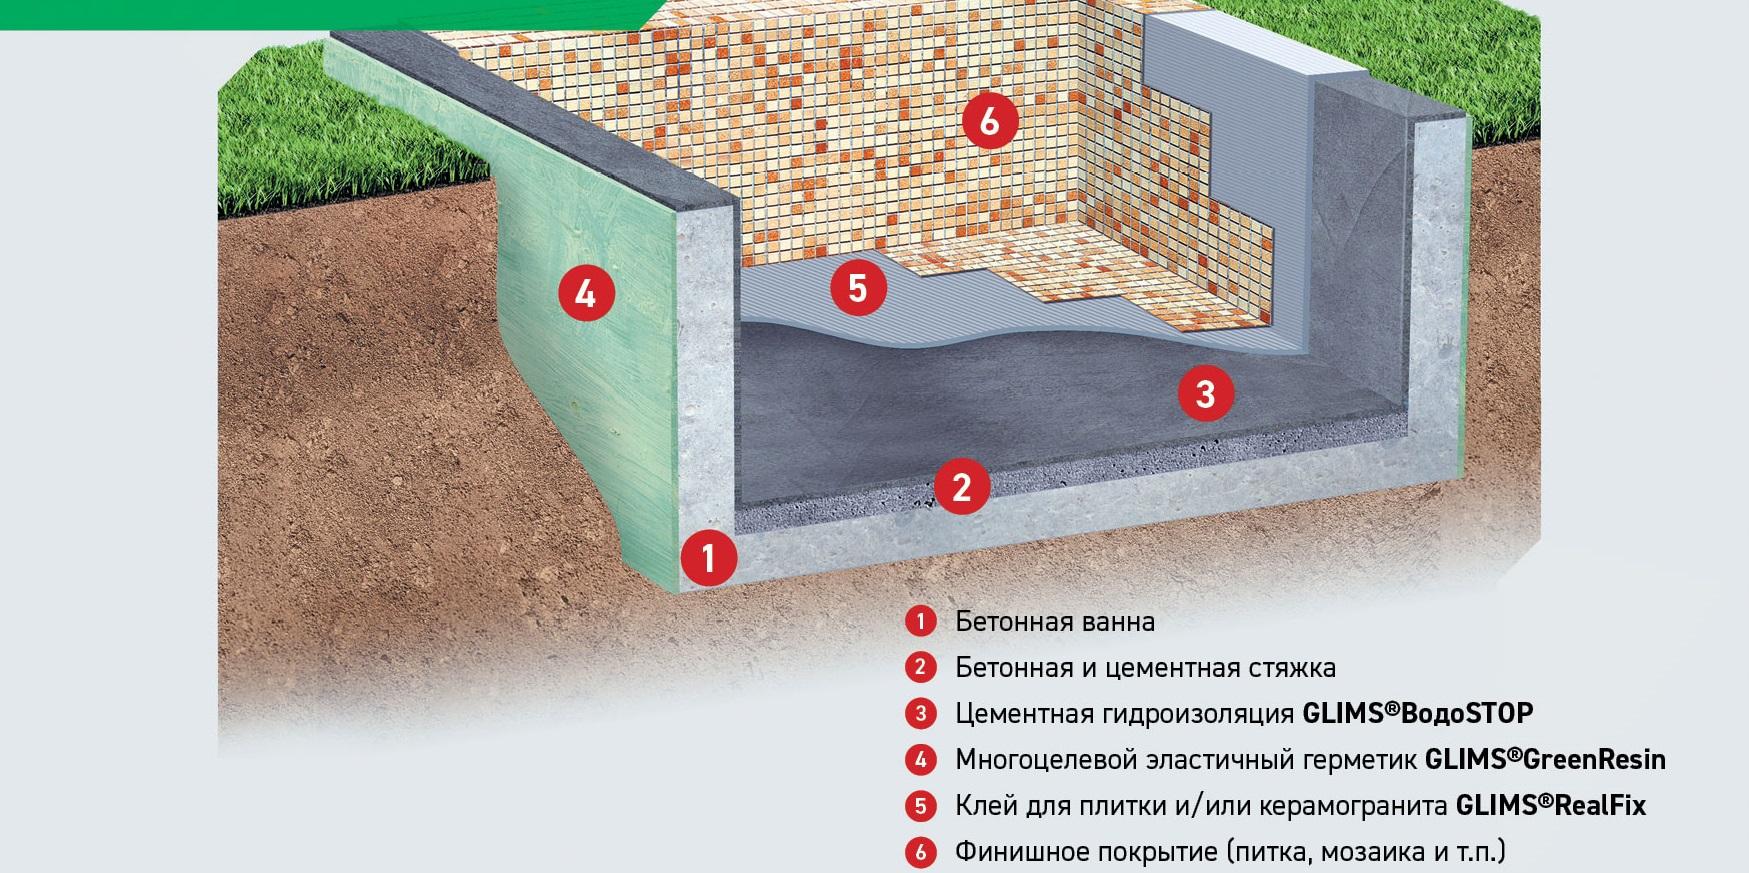 Фундамента наружная гидроизоляция